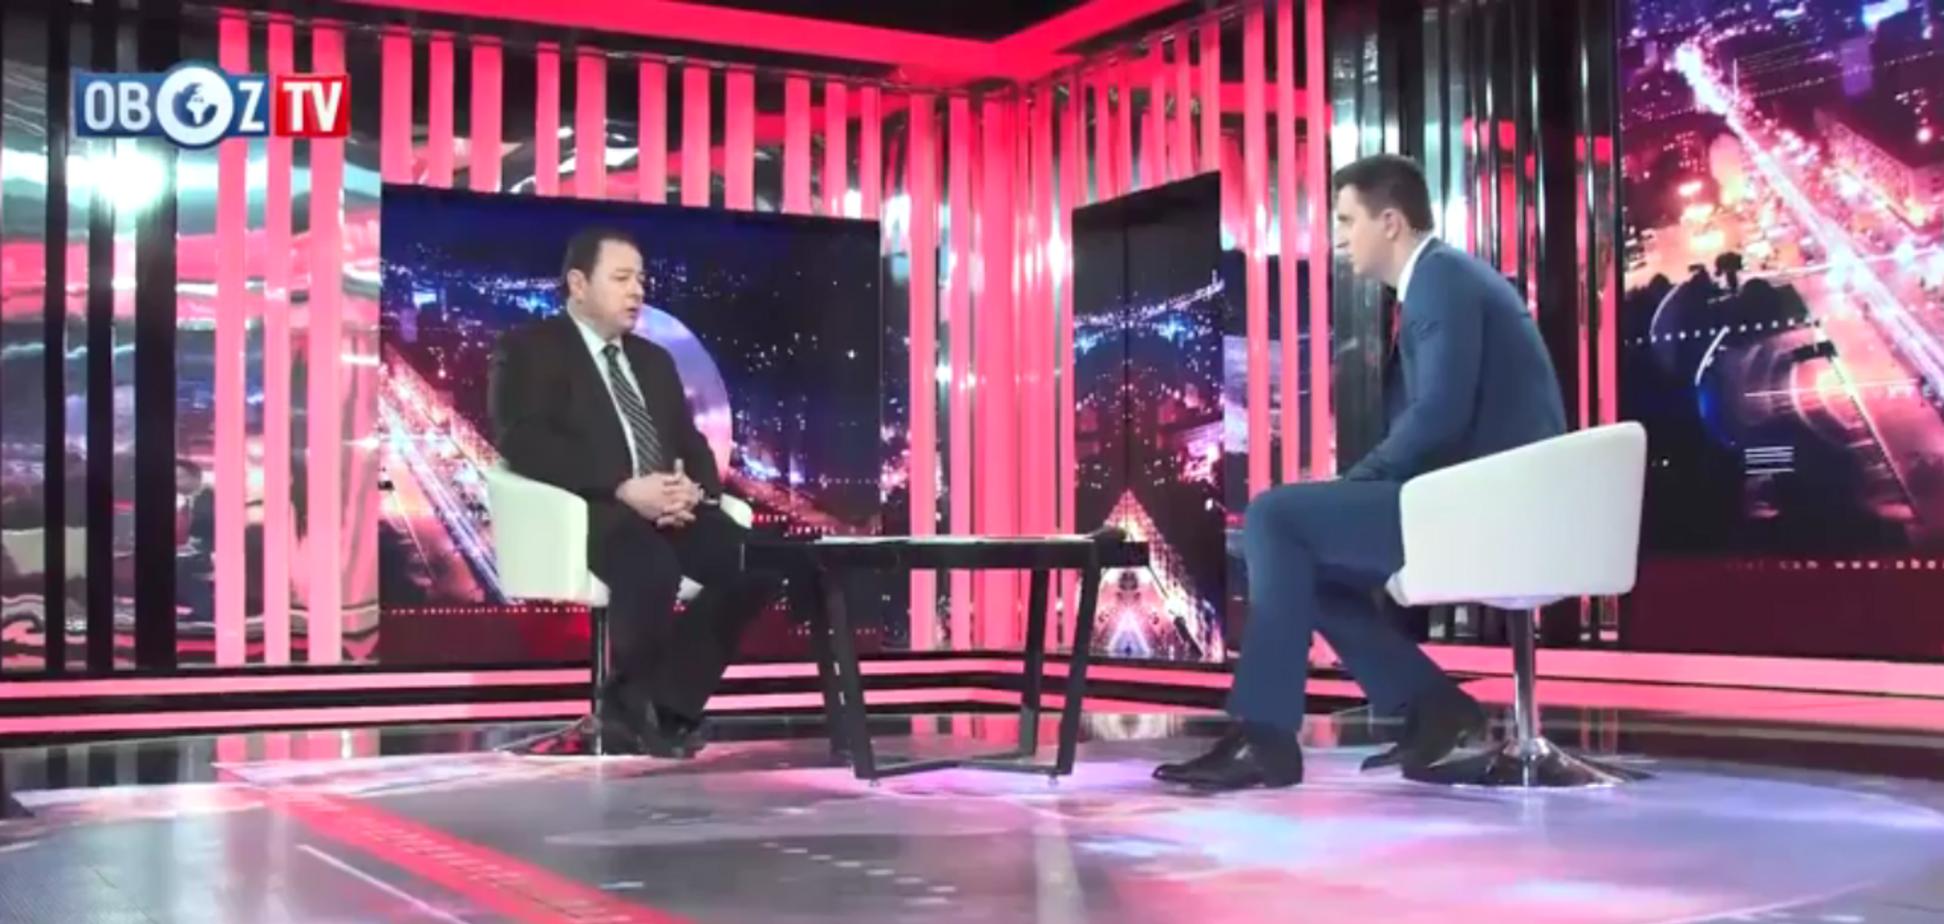 'Надзавдання для Путіна': український дипломат дав несподіваний прогноз щодо Донбасу